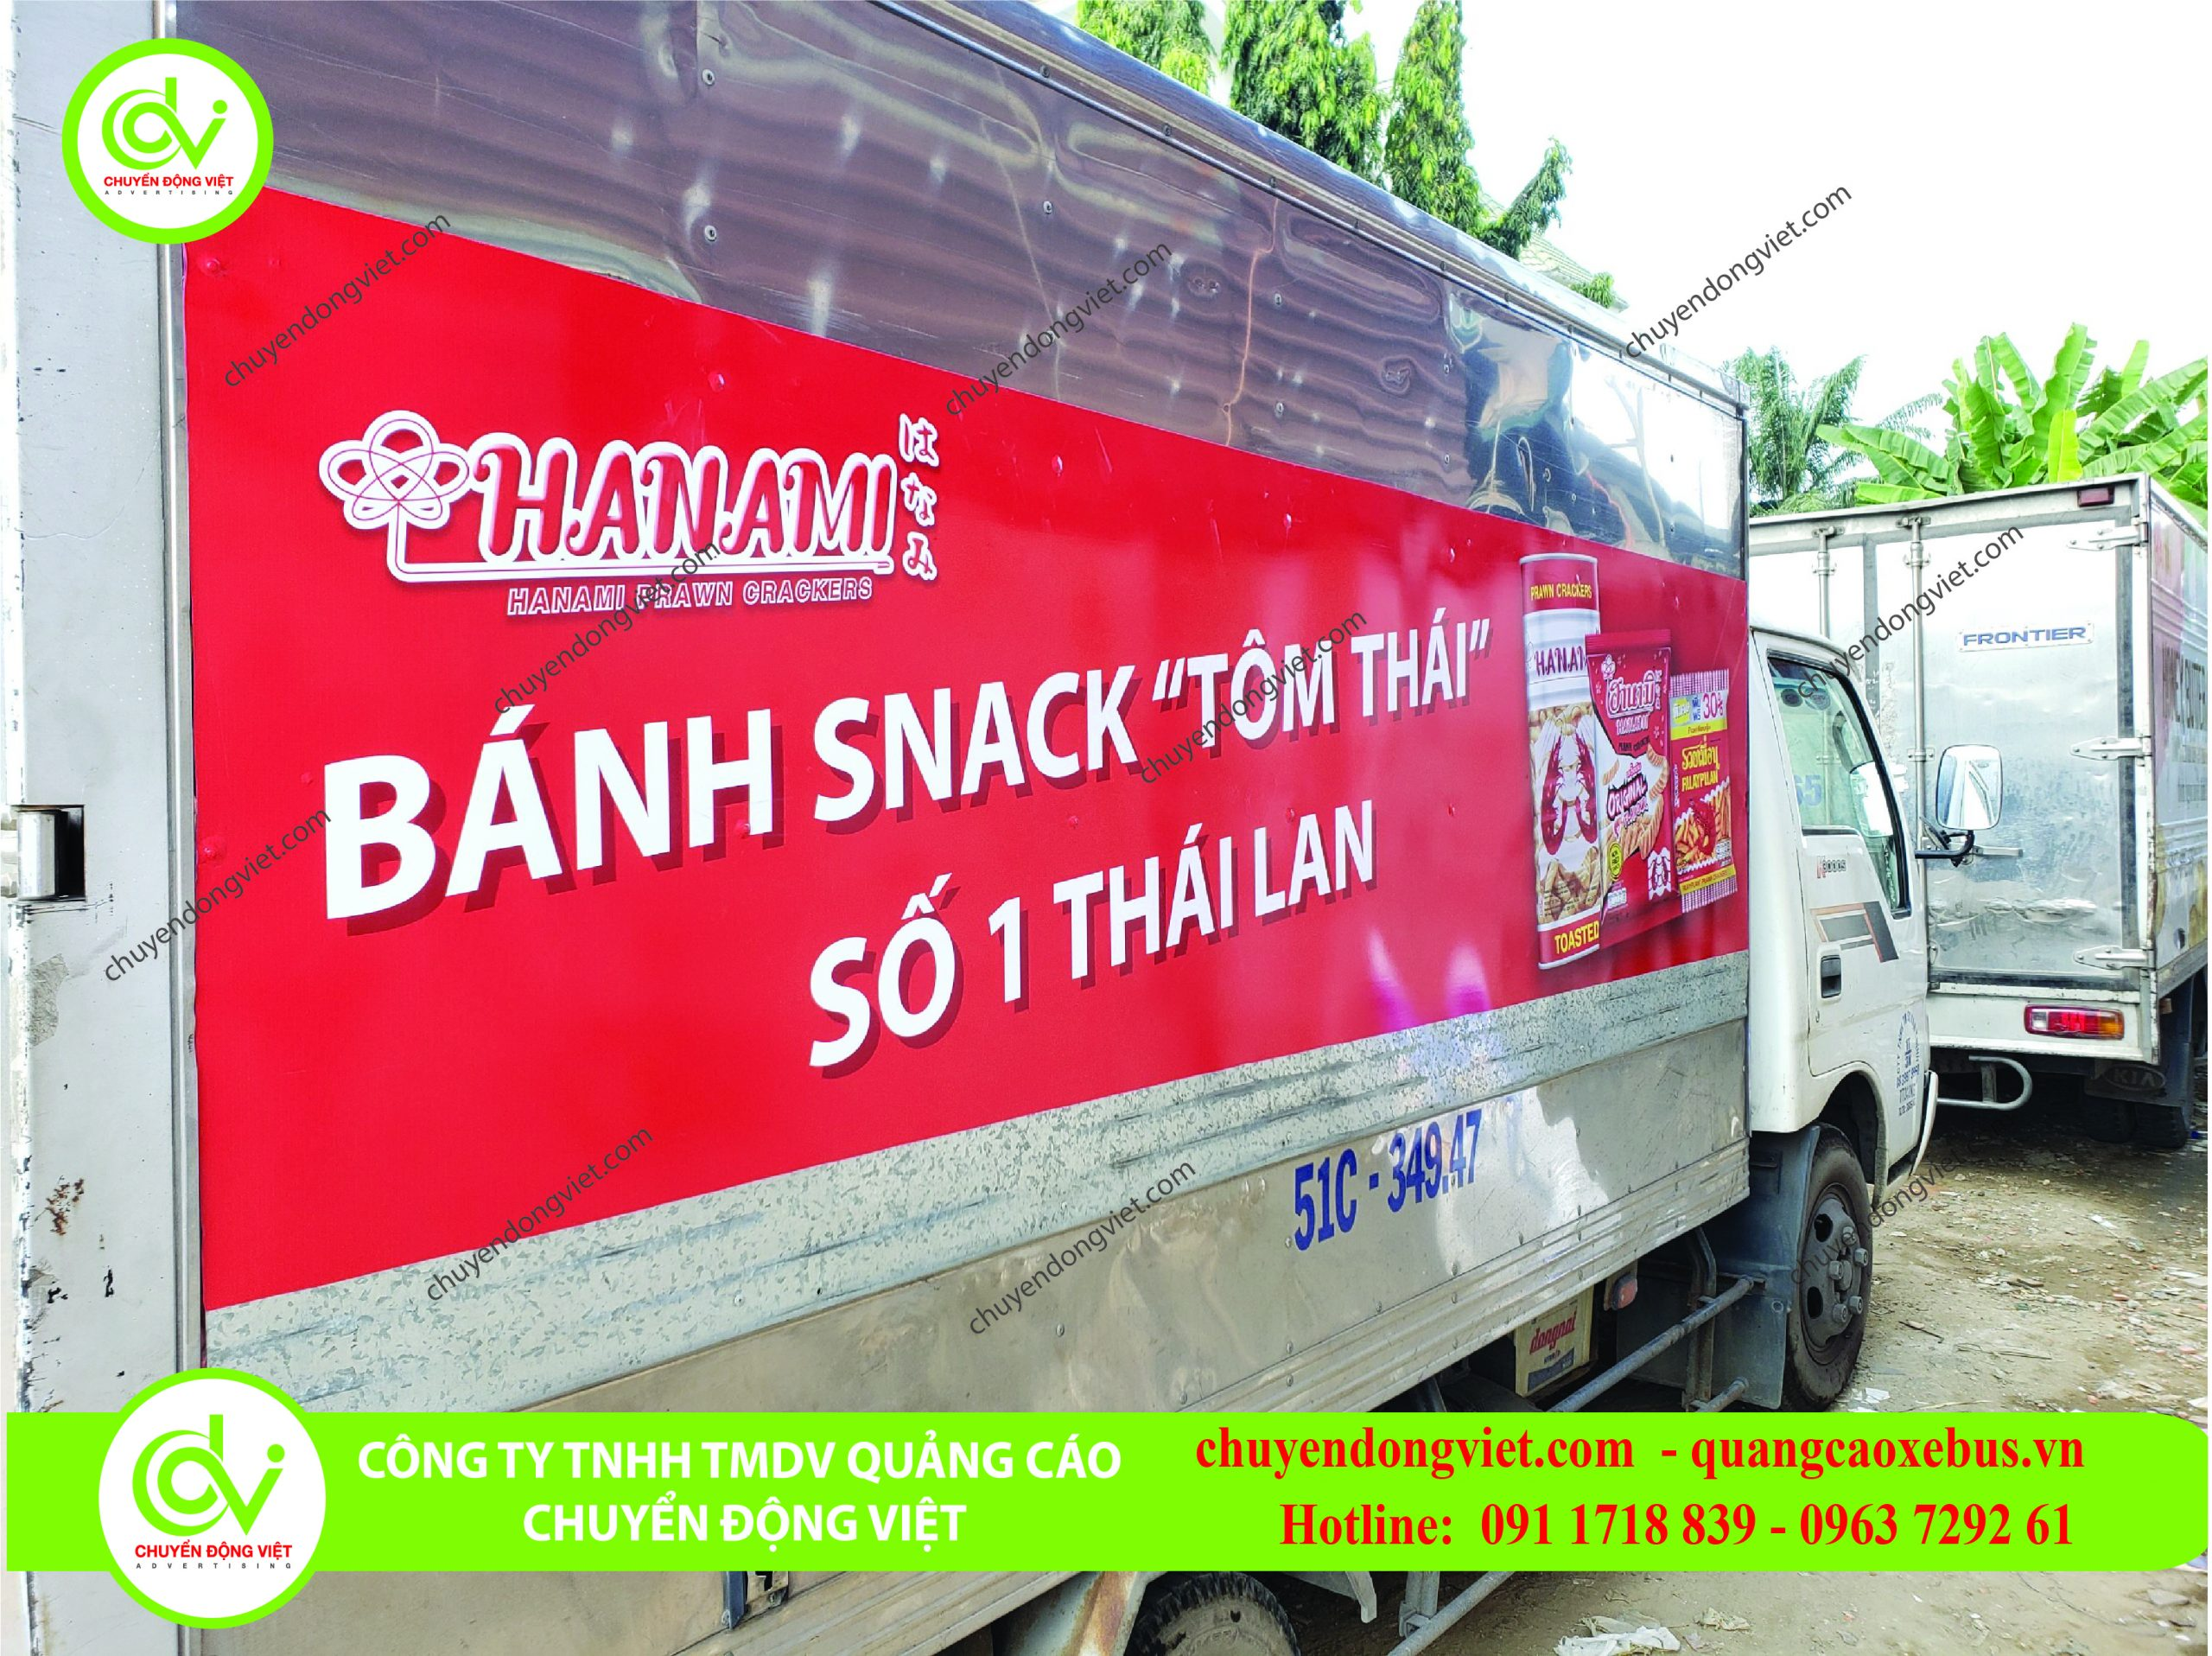 Hình ảnh khác hàng thi công quảng cáo thùng xe tải